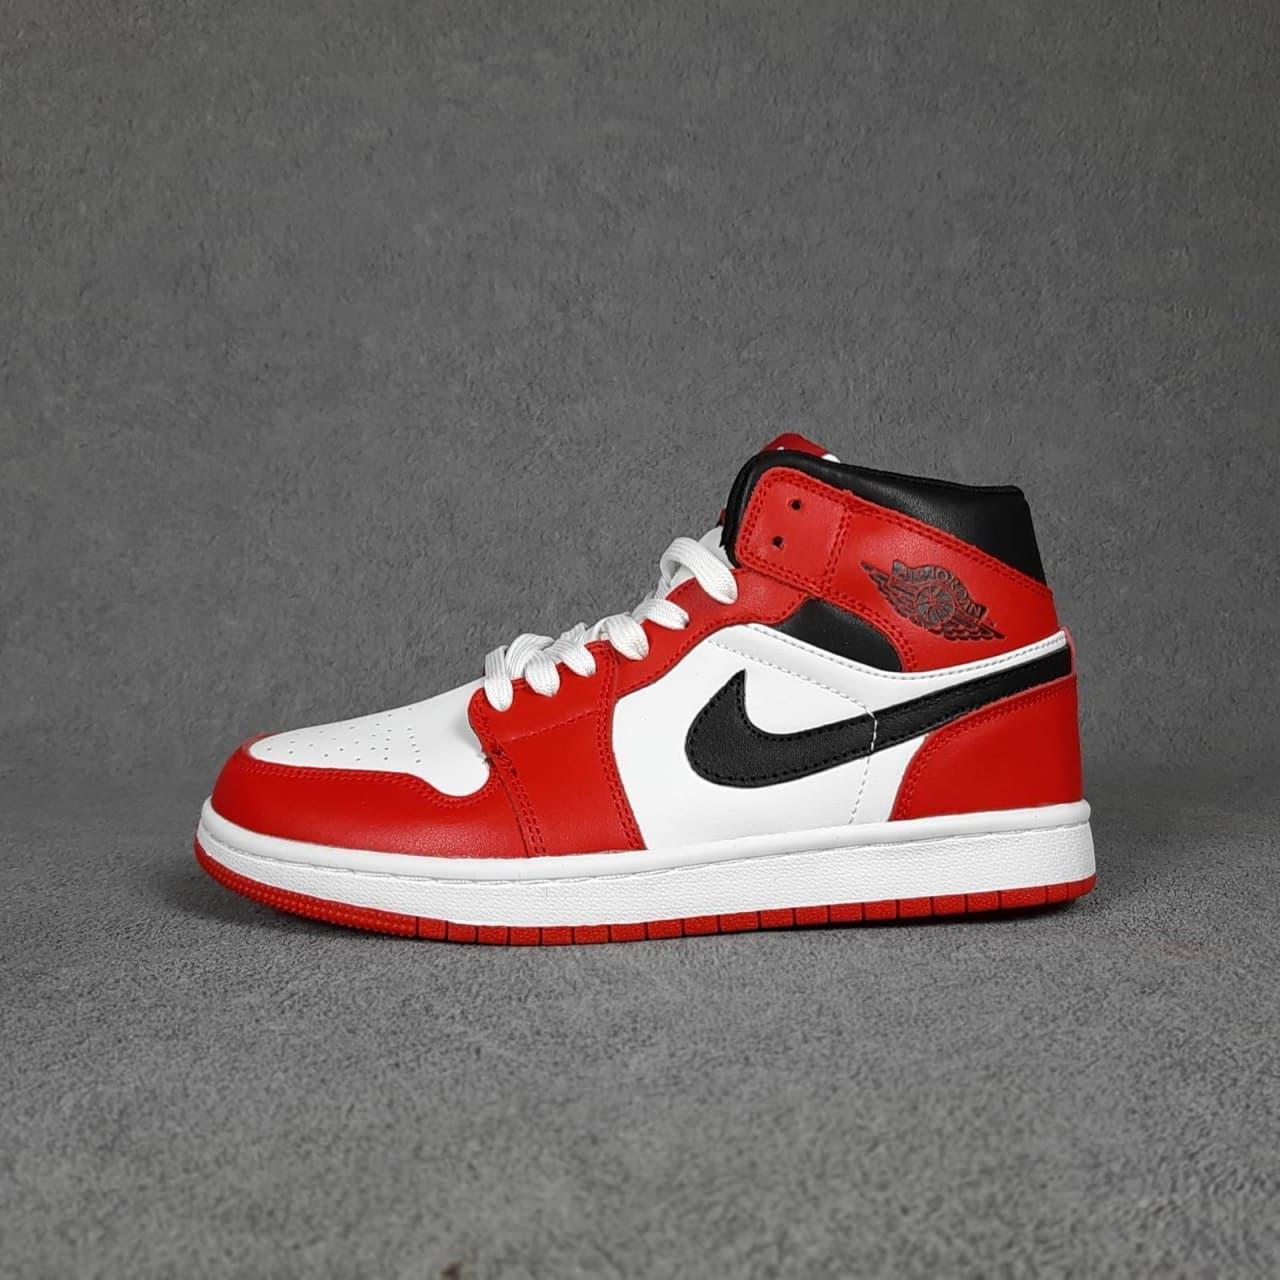 Женские кроссовки Nike Air Jordan 1 (бело-красные) О20439 качественные модные кроссы